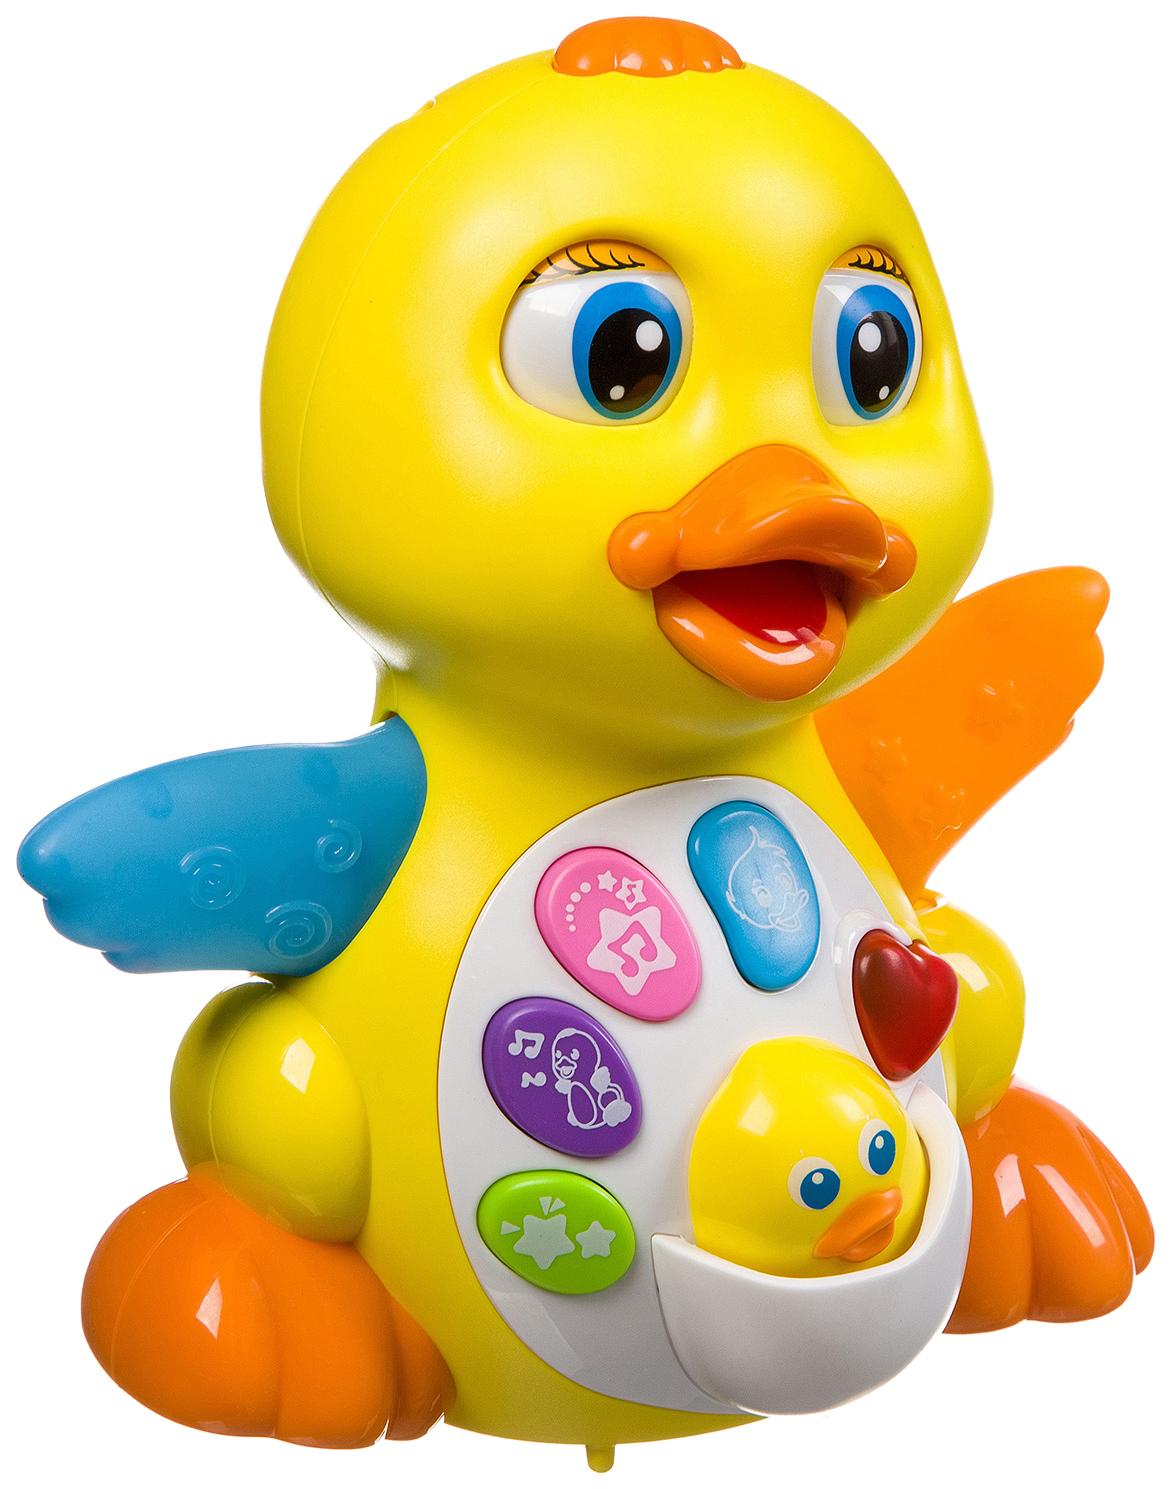 Интерактивная игрушка Наша игрушка Расти, малыш, Радостная Утя от 1 года фото